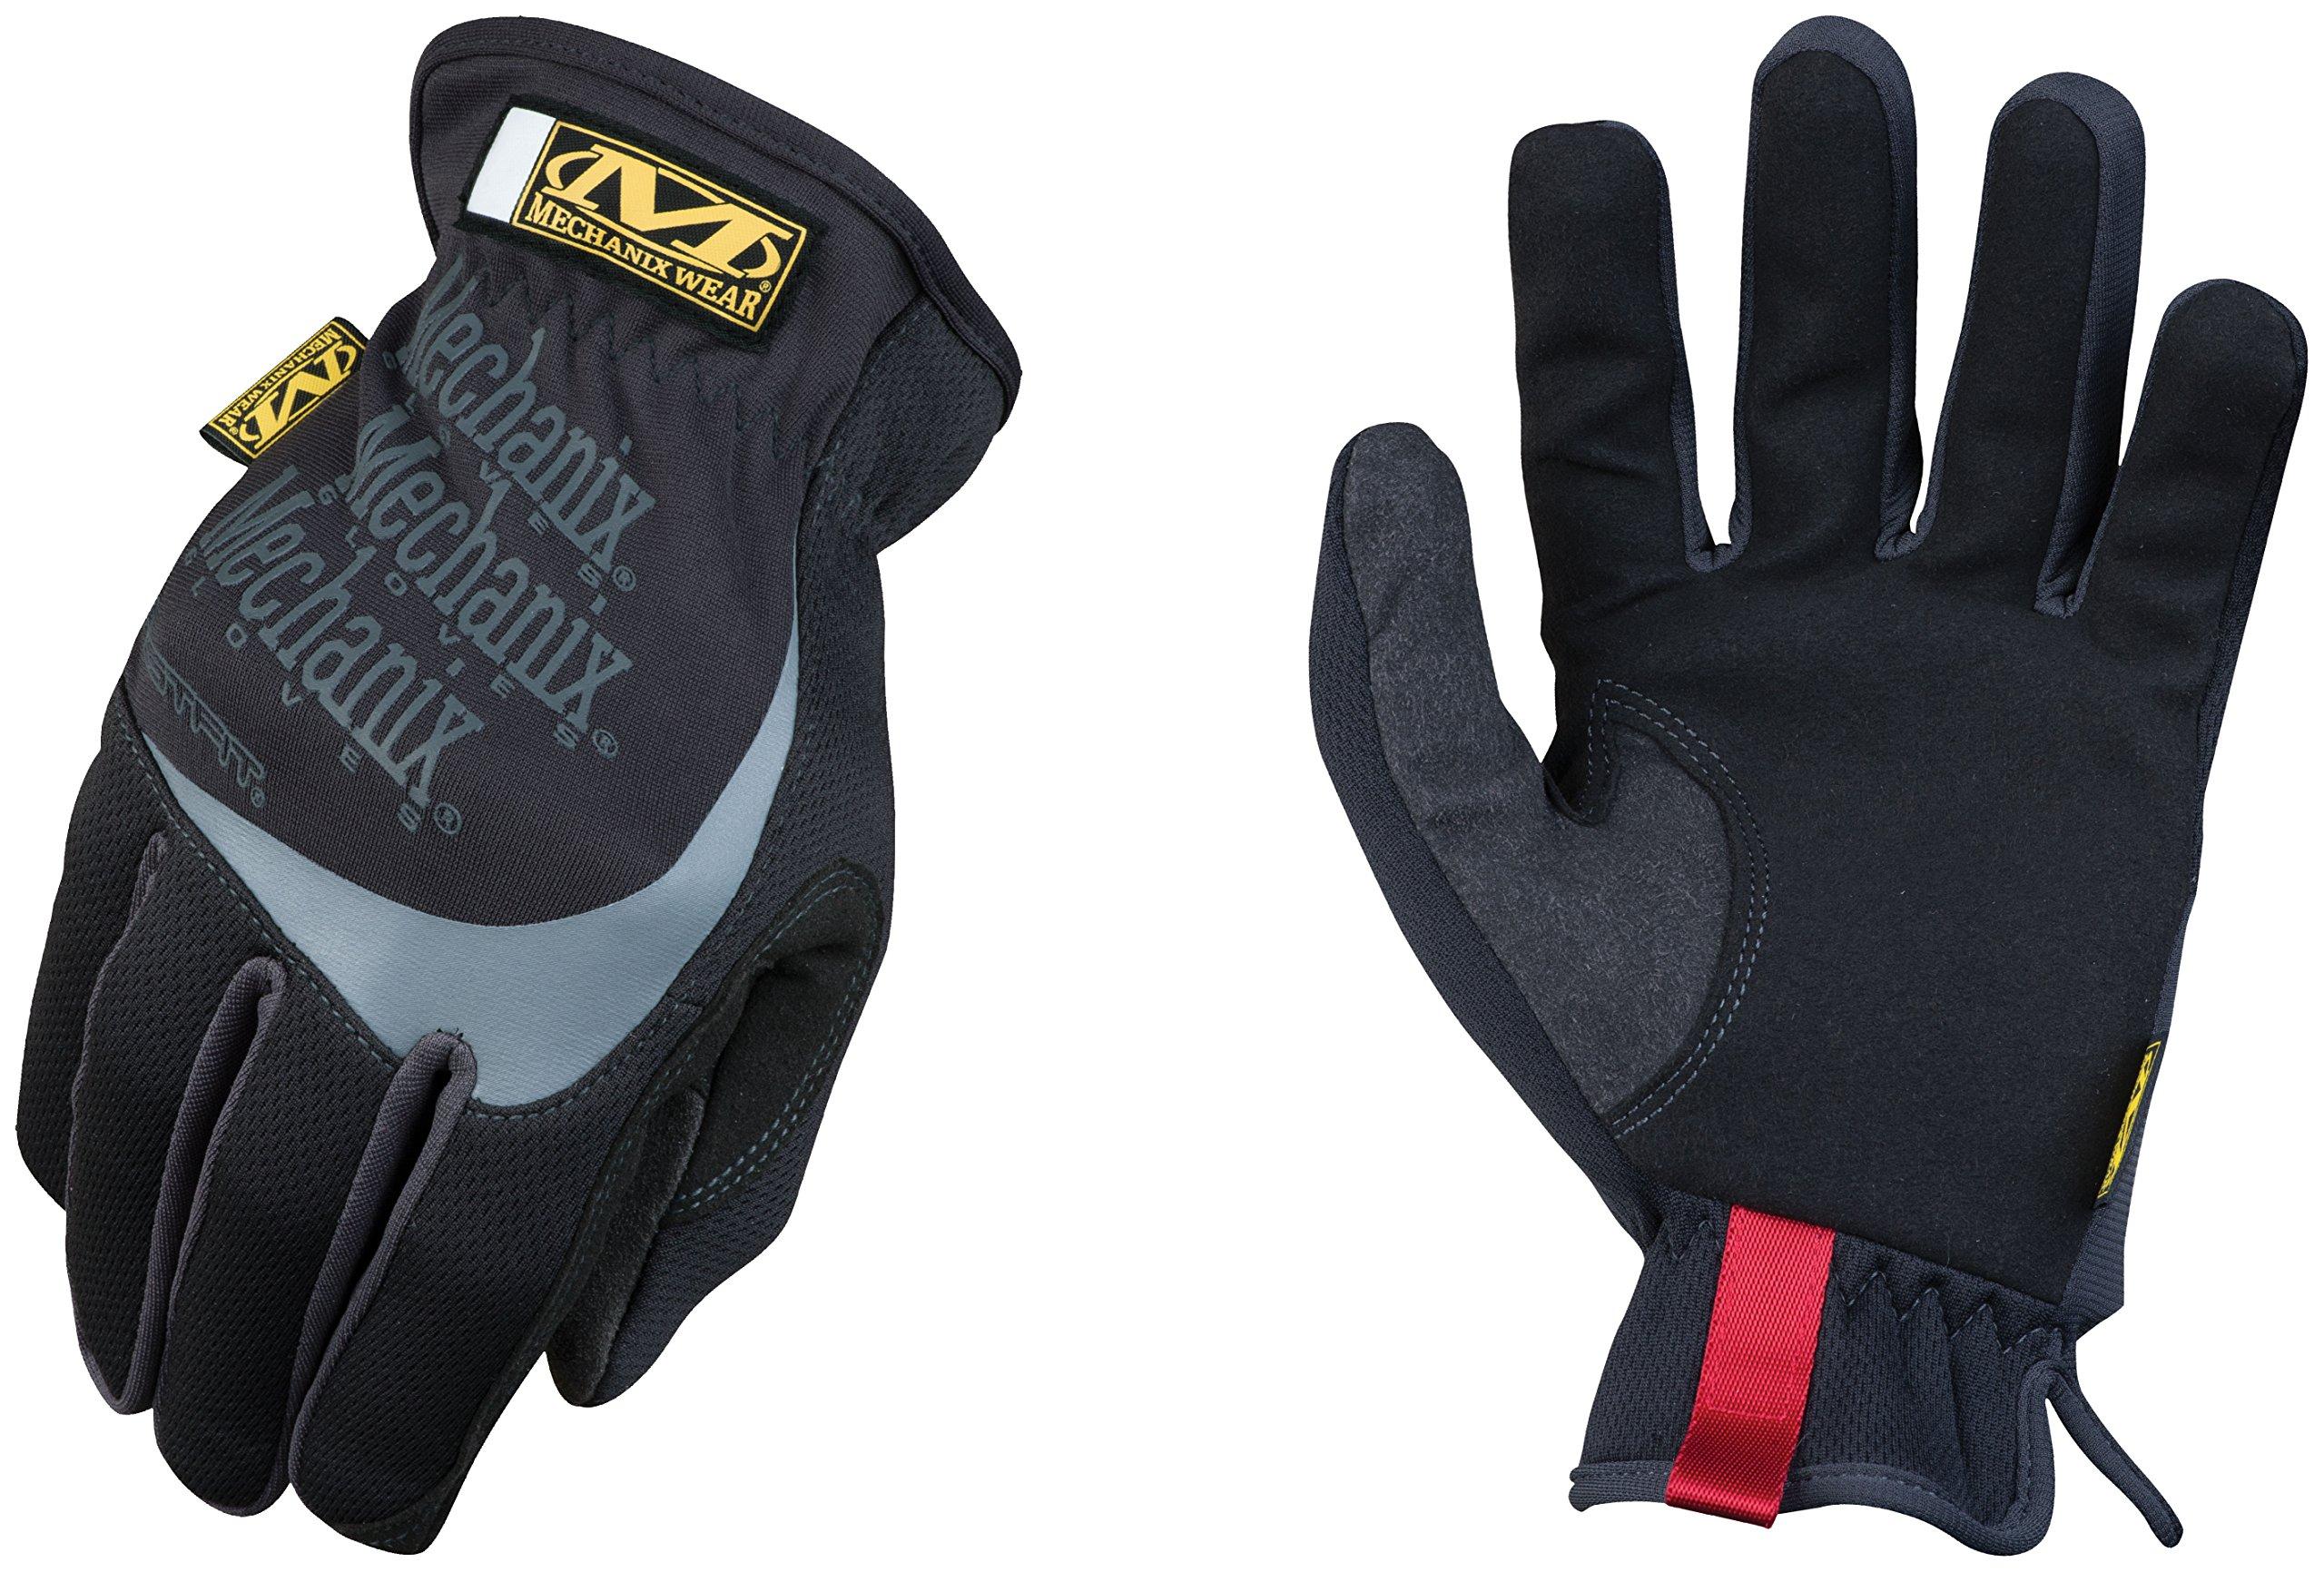 Mechanix Wear 185184 Slip-On Elastic-Cuff Mechanic's Glove Fast Fit Gloves, L by Mechanix Wear (Image #2)